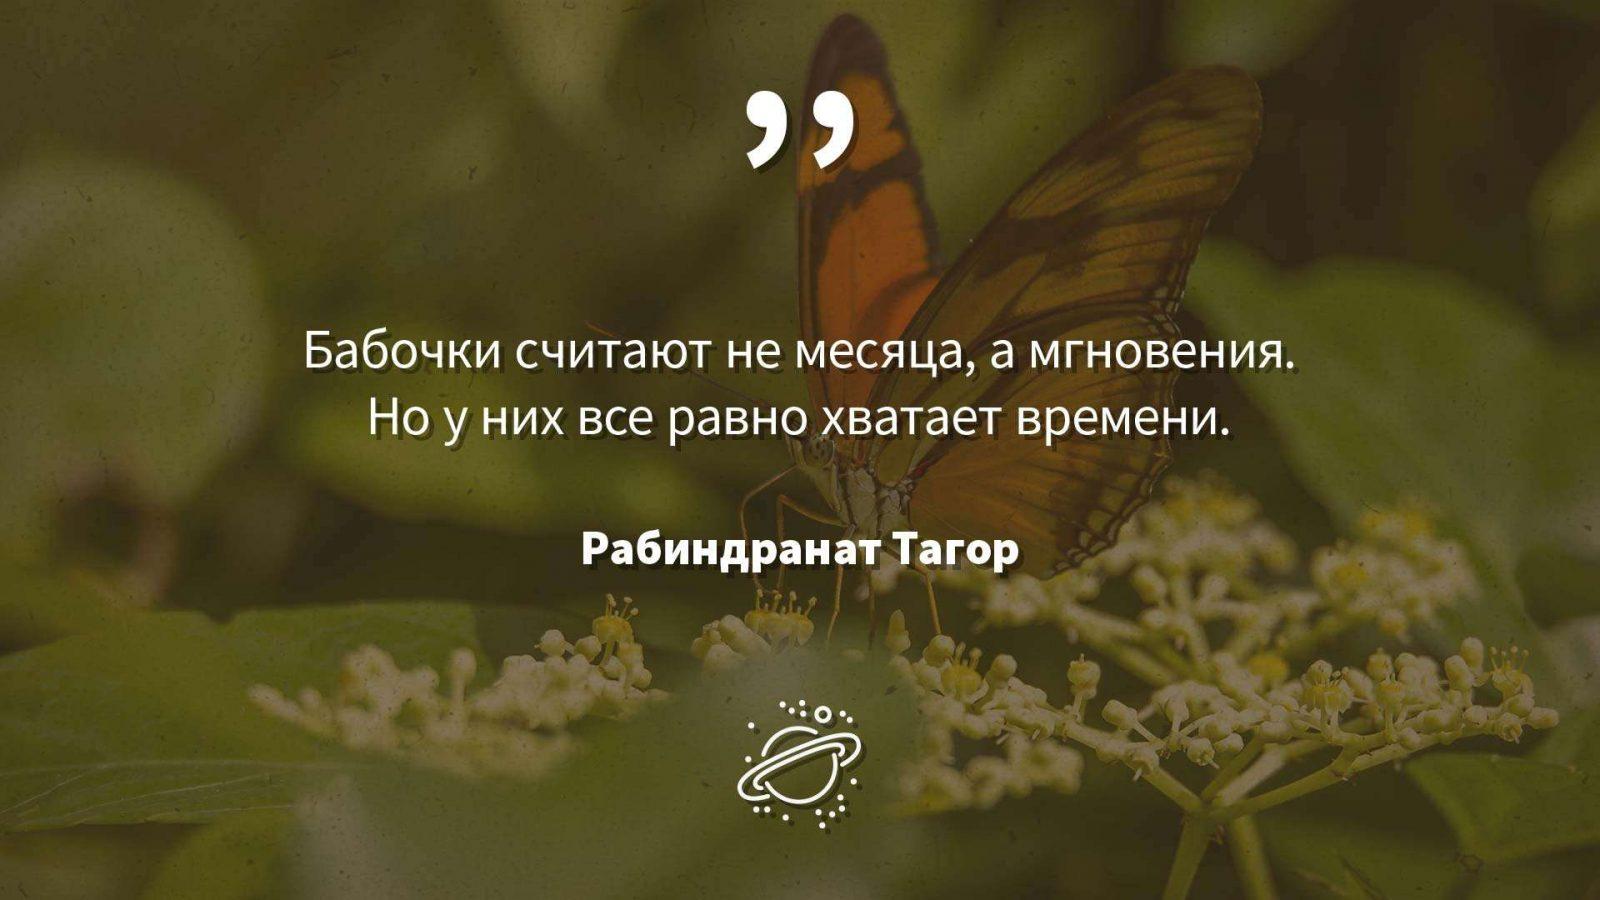 Бабочки считают не месяца, а мгновения. Но у них все равно хватает времени.